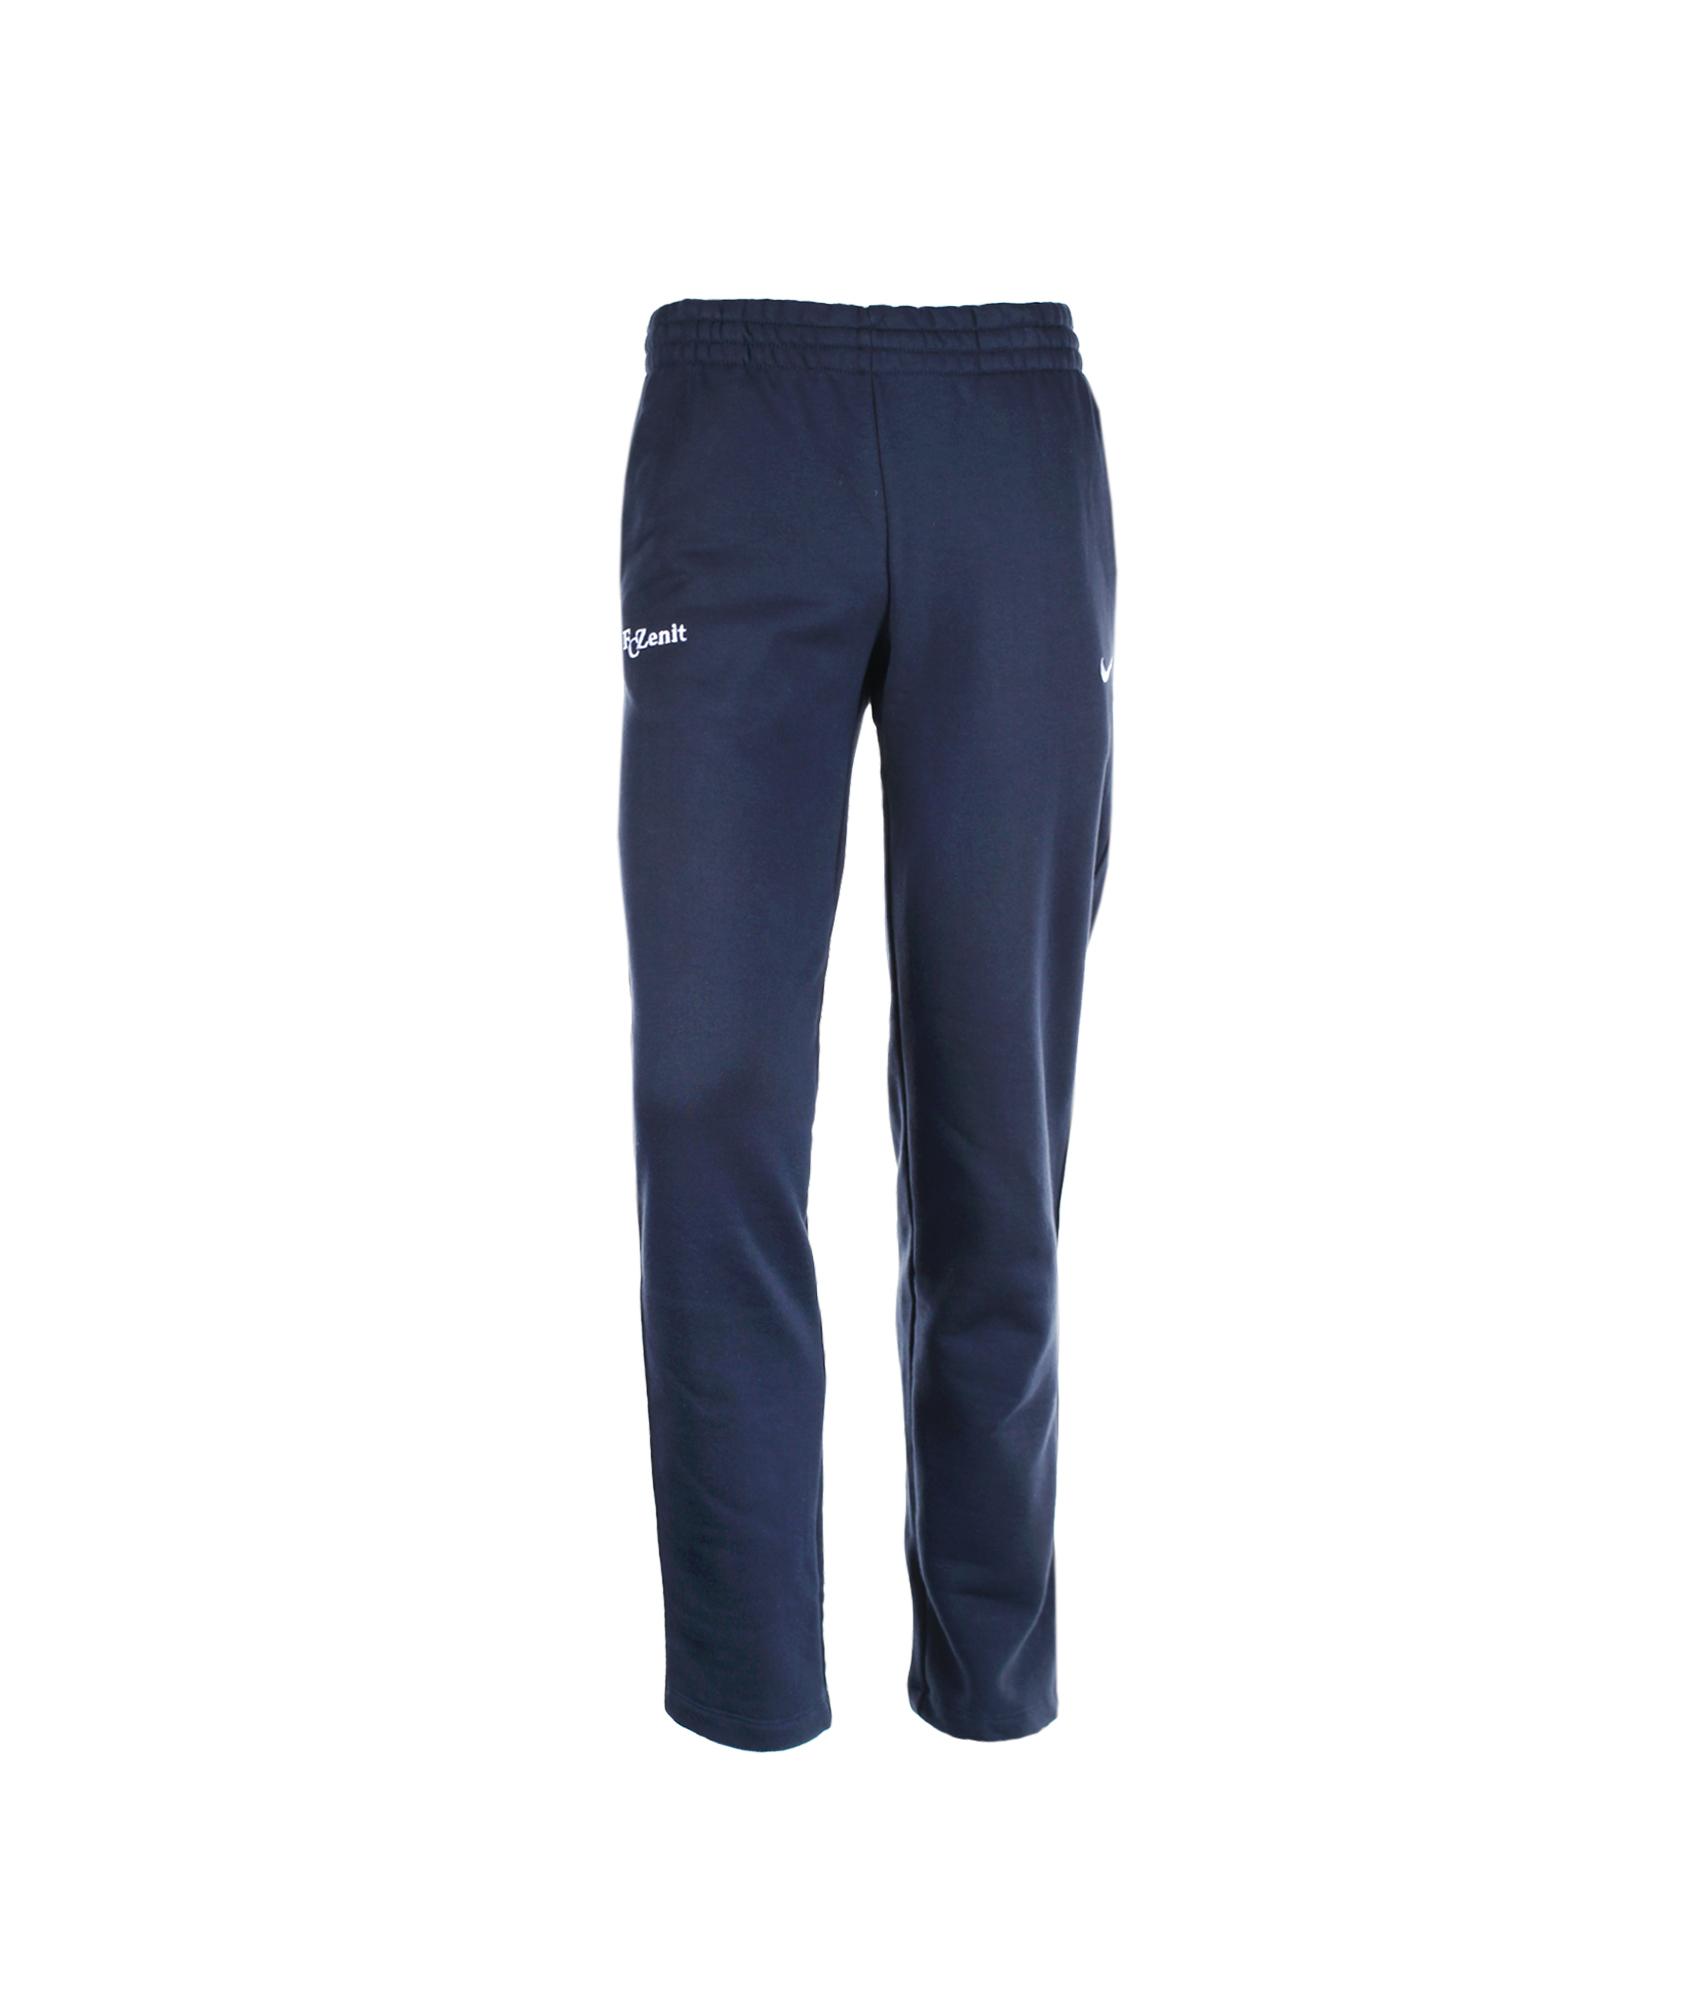 Брюки Nike Squad Fleece Open Hem Pant, Цвет-Темно-Синий, Размер-L